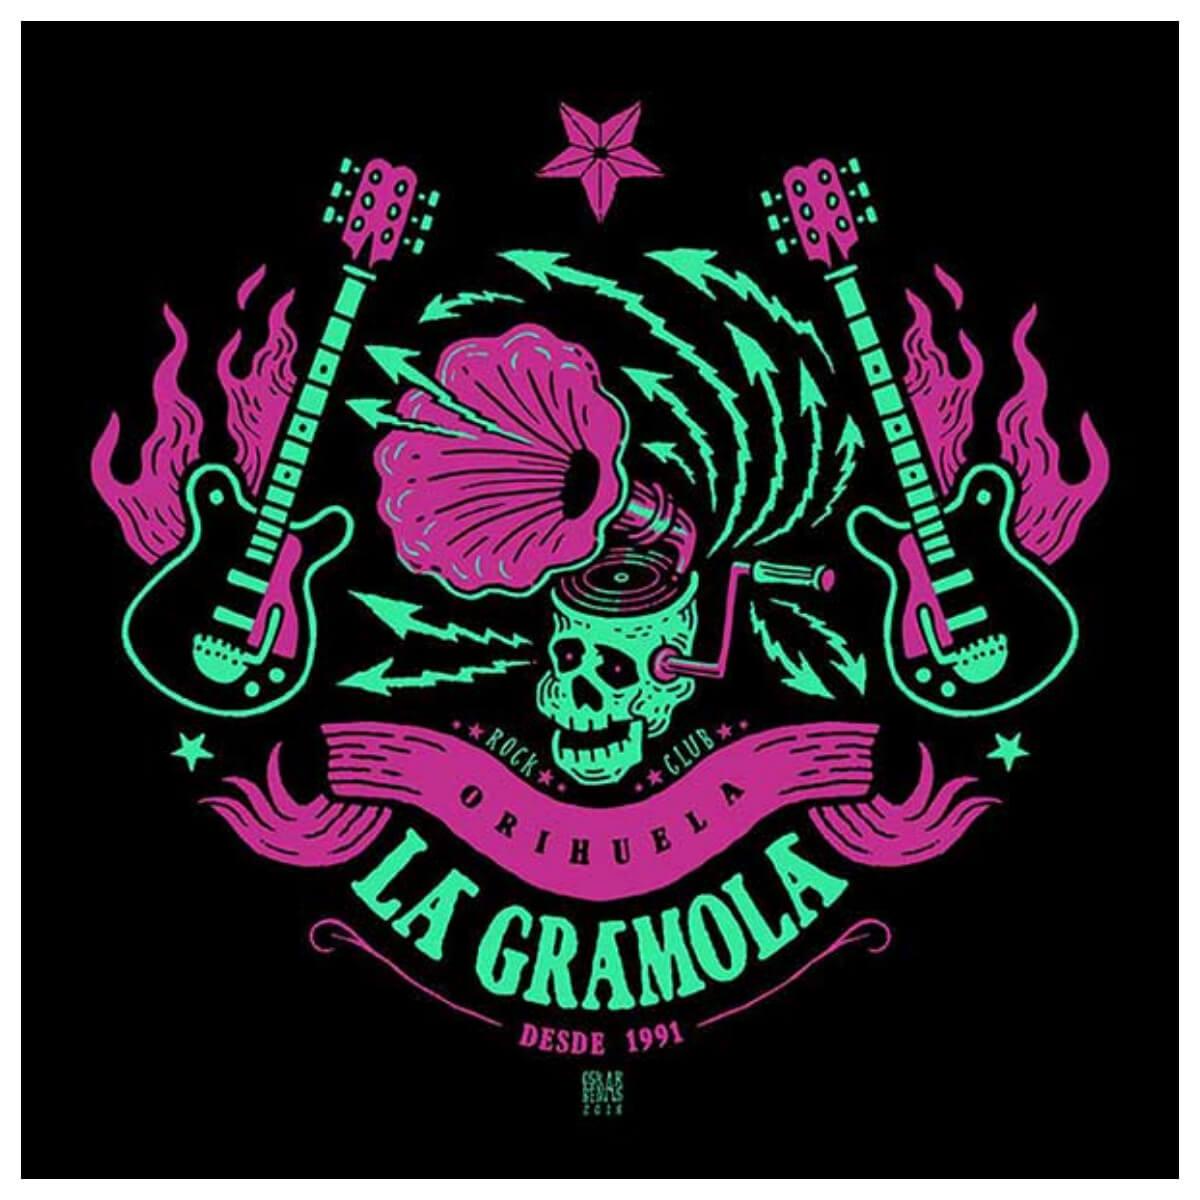 la-gramola-orihuela-la-gran-travesia-radio-free-rock